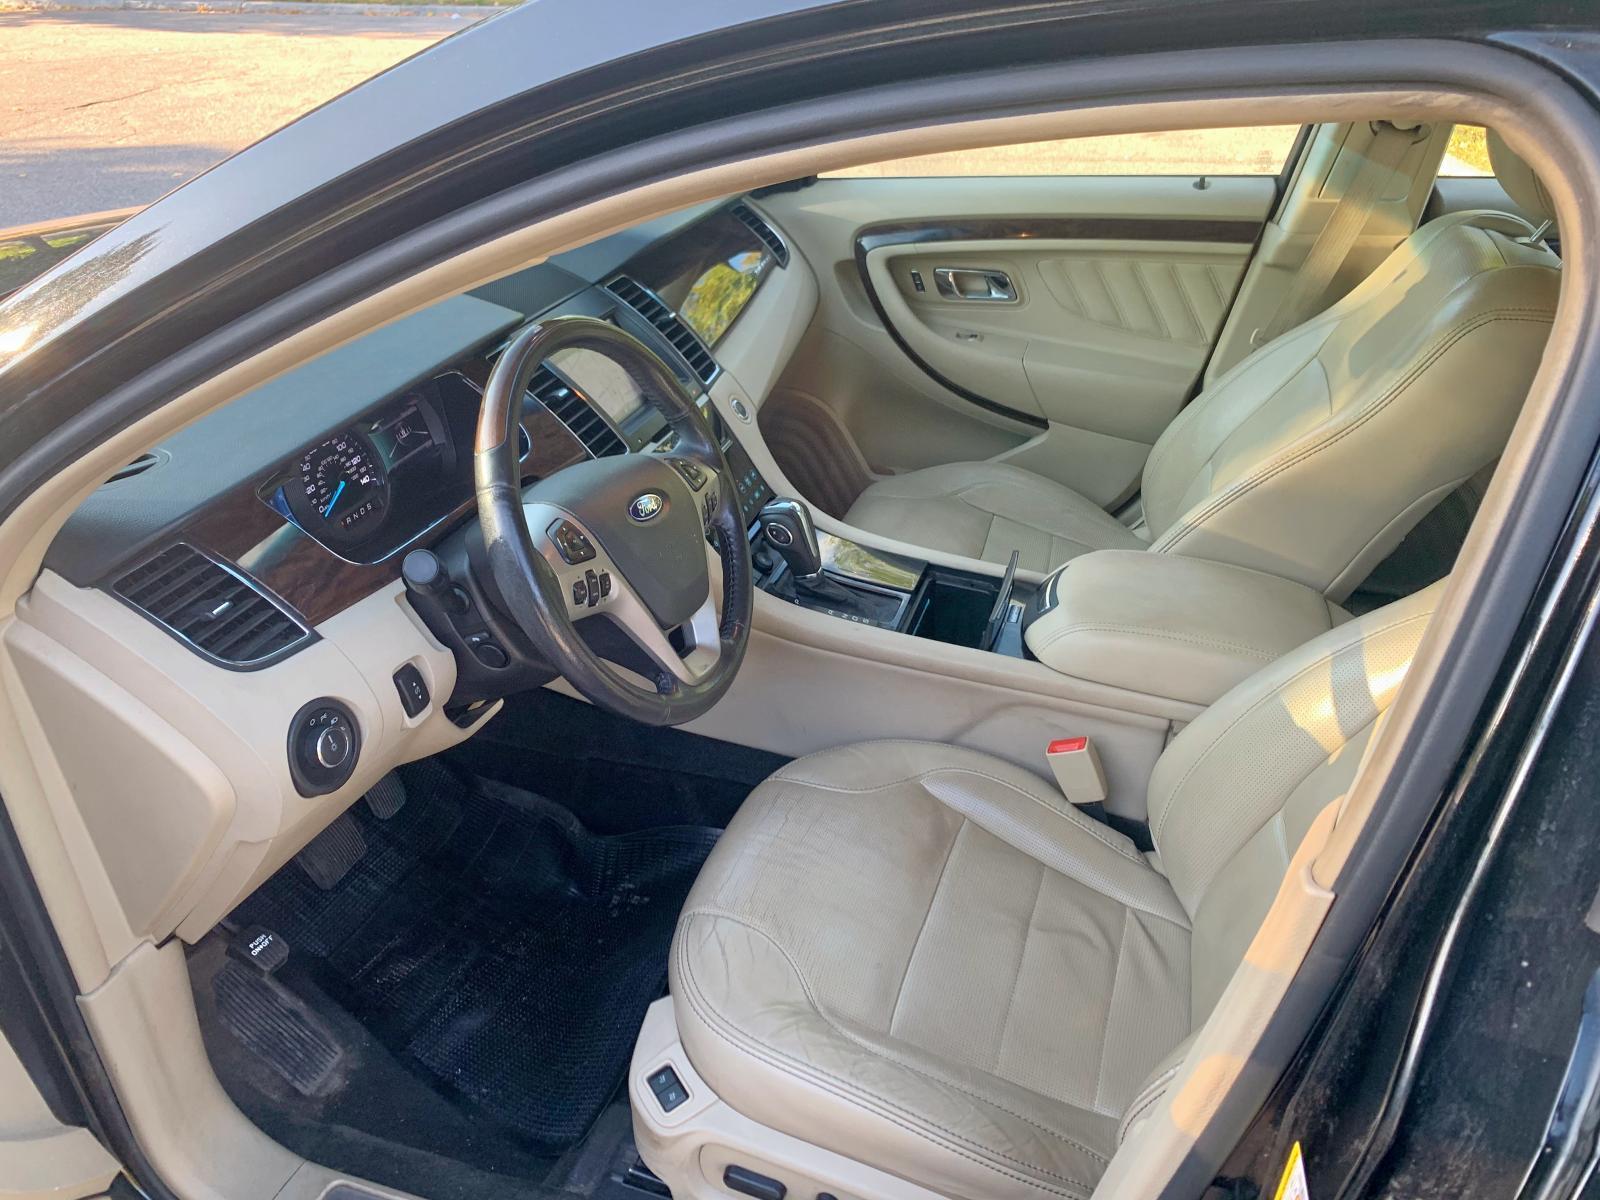 1FAHP2J81DG179537 - 2013 Ford Taurus Lim 3.5L